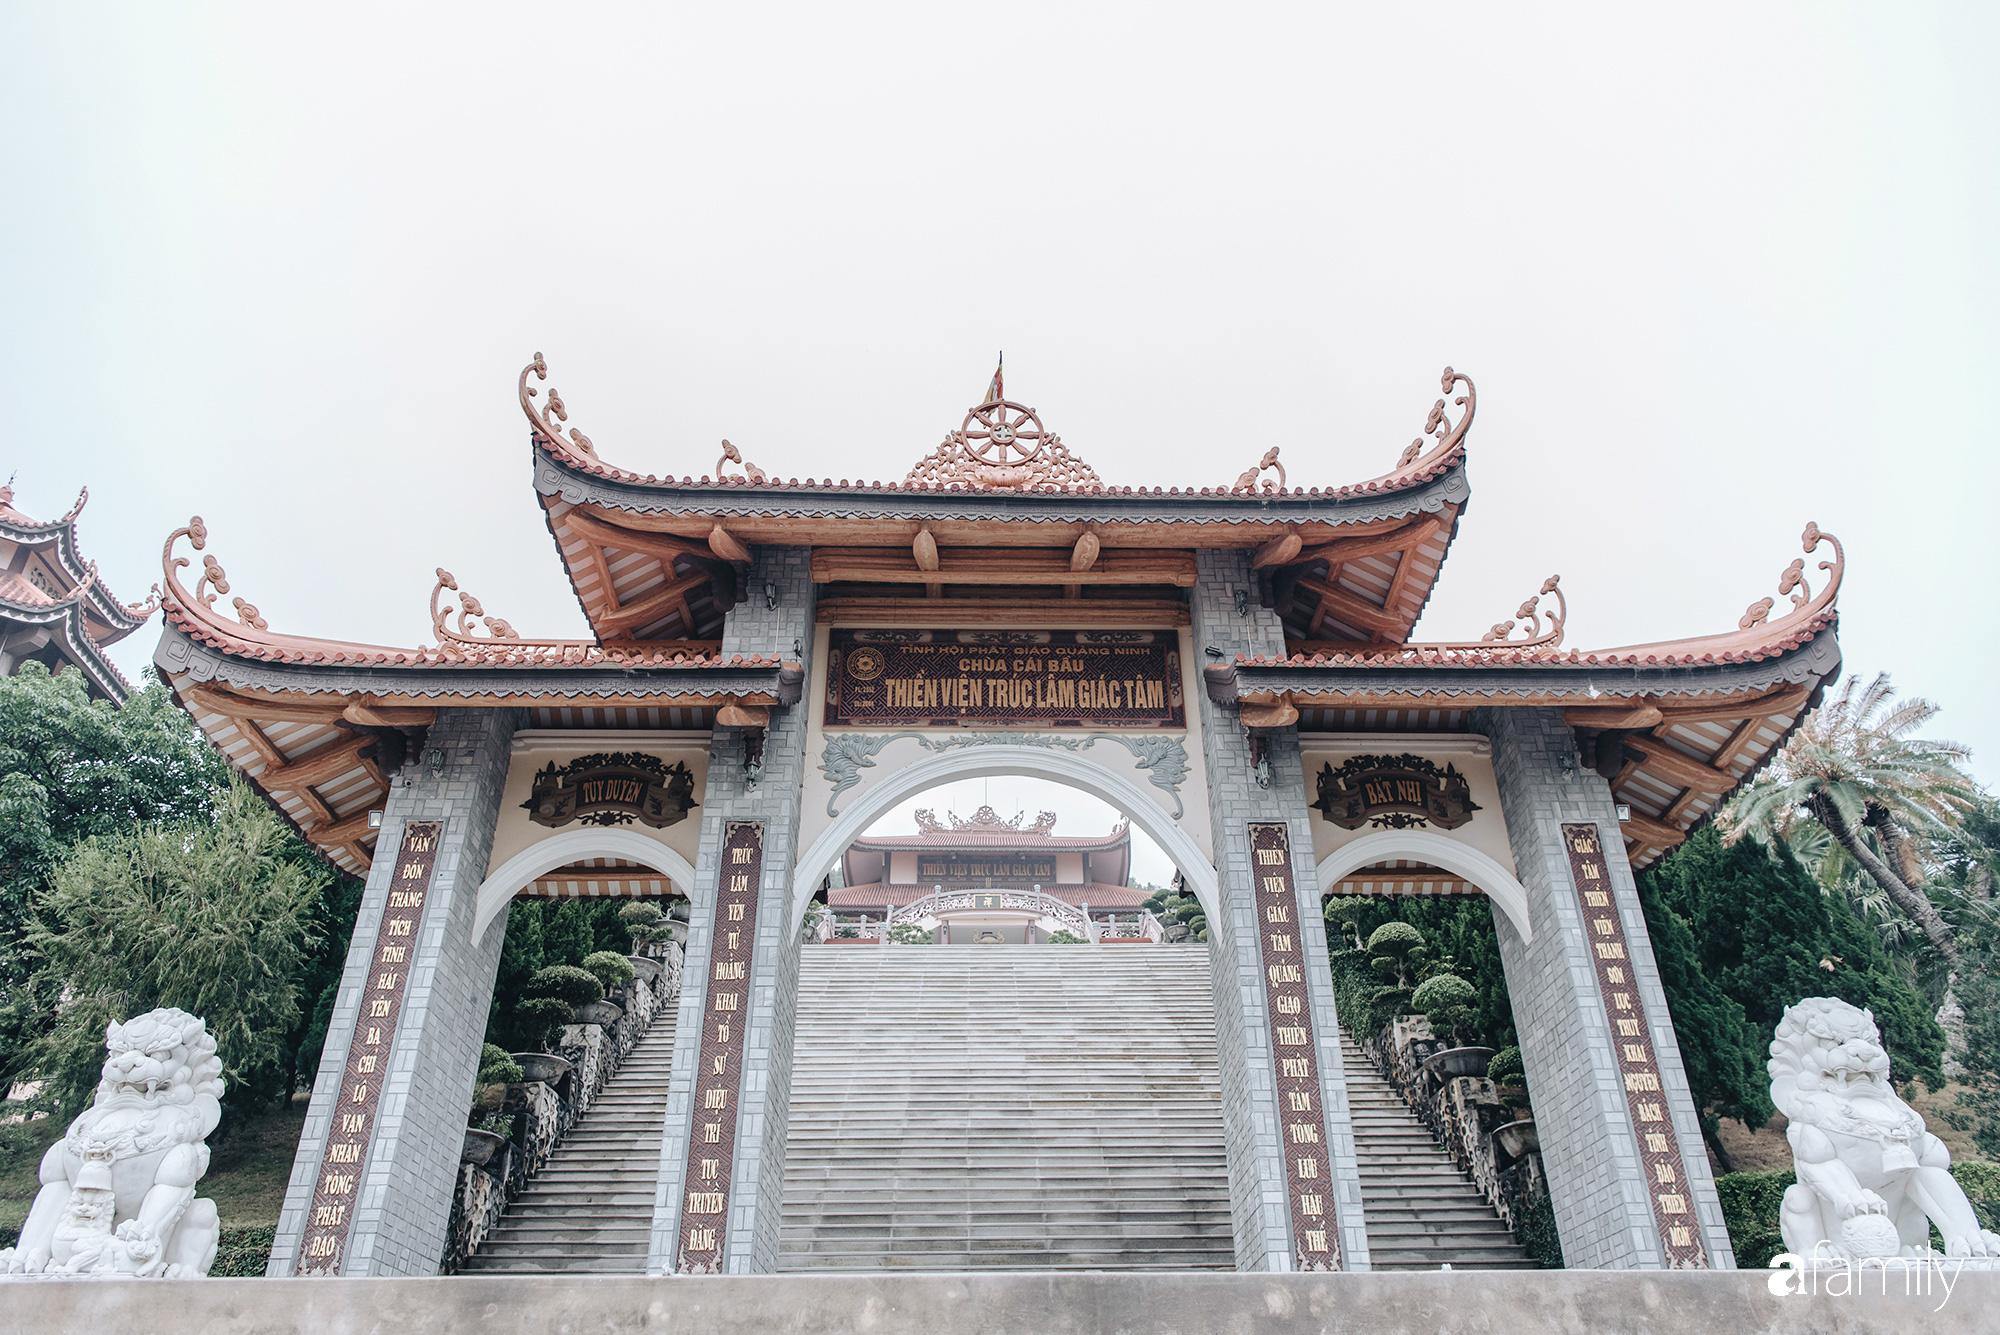 """3 ngày 2 đêm ở Quảng Ninh: Đi để biết """"xứ sở vàng đen"""" vẫn còn quá nhiều kỳ diệu để khám phá cùng nhau! - Ảnh 5."""